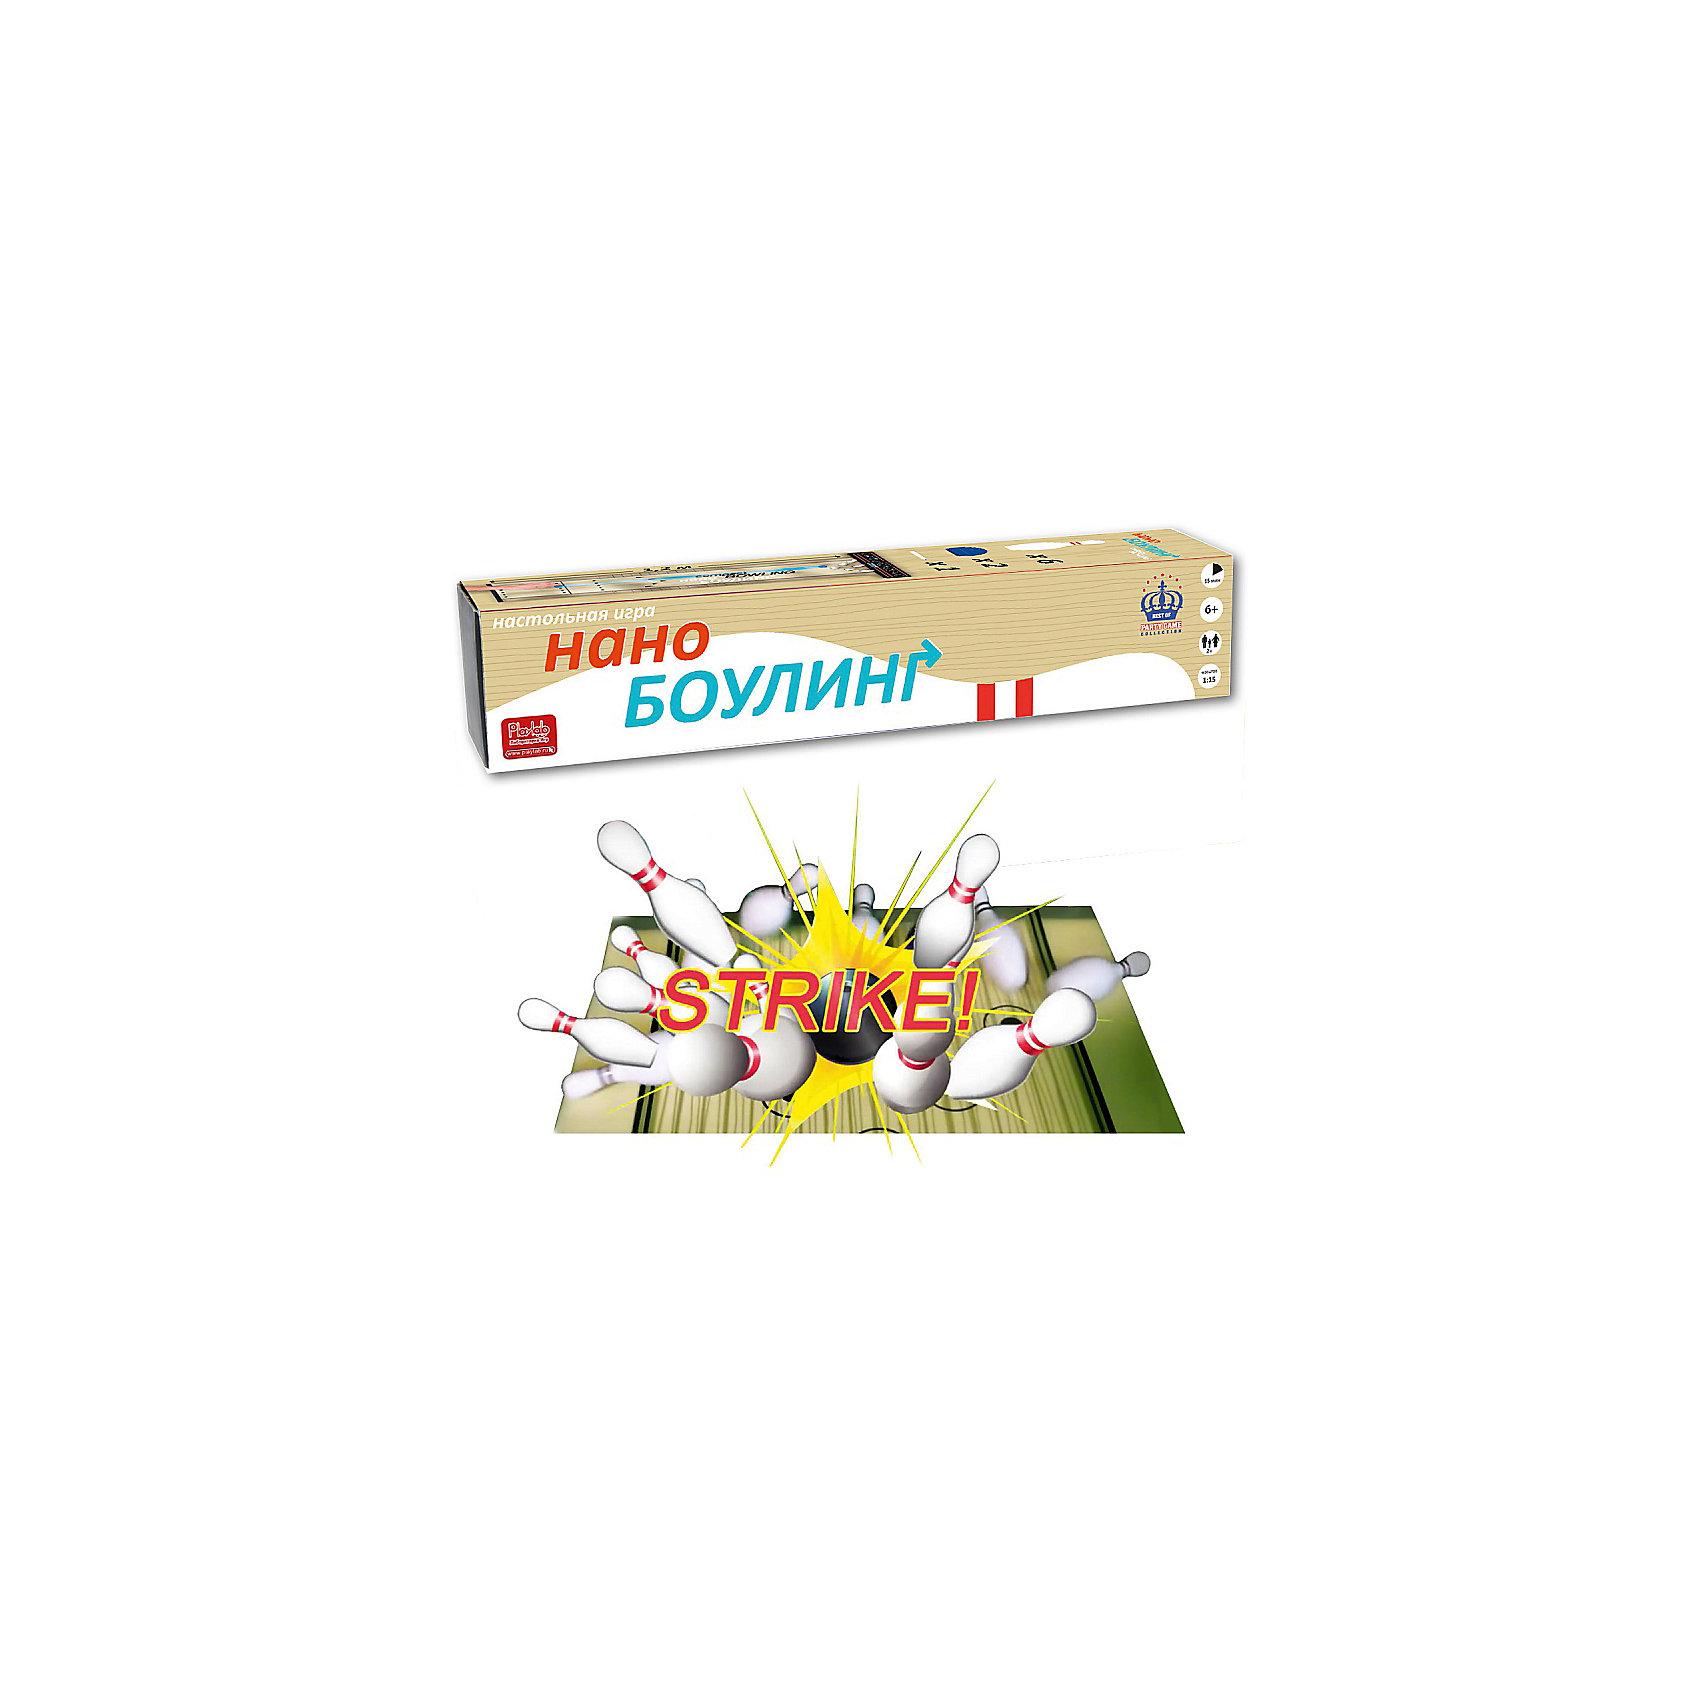 Игра Нано-Боулинг в тубусе, Martinexегкая и веселая настольная игра для любого возраста. Просто разверните дорожку и расставьте 6 кегль в дальнем конце поля. Теперь можно начинать сшибать кегли фишками-шарами. Как и в настоящем боулинге, можно сыграть в несколько быстрых фреймов или же устроить настоящий турнир. Сбитые кегли никуда не улетят - в конце дорожка снабжена магнитной полосой, с помощью которой к ней крепится коробка от игры. Получается что-то вроде ворот, которые собирают сбитые кегли и шары, вылетающие за дорожку. Можно играть в командах или набирать очки в индивидуальном зачете. Для ведения счета по бокам дорожки сделана специалная таблица, которую нужно заполнять стирающимся маркером для доски whiteboard (в комплекте!). После игры просто сотрите записи и начинайте снова! В комплекте: Игровое поле 120х35см, 6 кегль, 2 мяча, маркер для ведения счета, Правила игры на русском языке.<br><br>Время игры: 15 минут<br>Количество игроков: 2-4<br><br>Ширина мм: 70<br>Глубина мм: 360<br>Высота мм: 70<br>Вес г: 500<br>Возраст от месяцев: 60<br>Возраст до месяцев: 1188<br>Пол: Унисекс<br>Возраст: Детский<br>SKU: 4297010